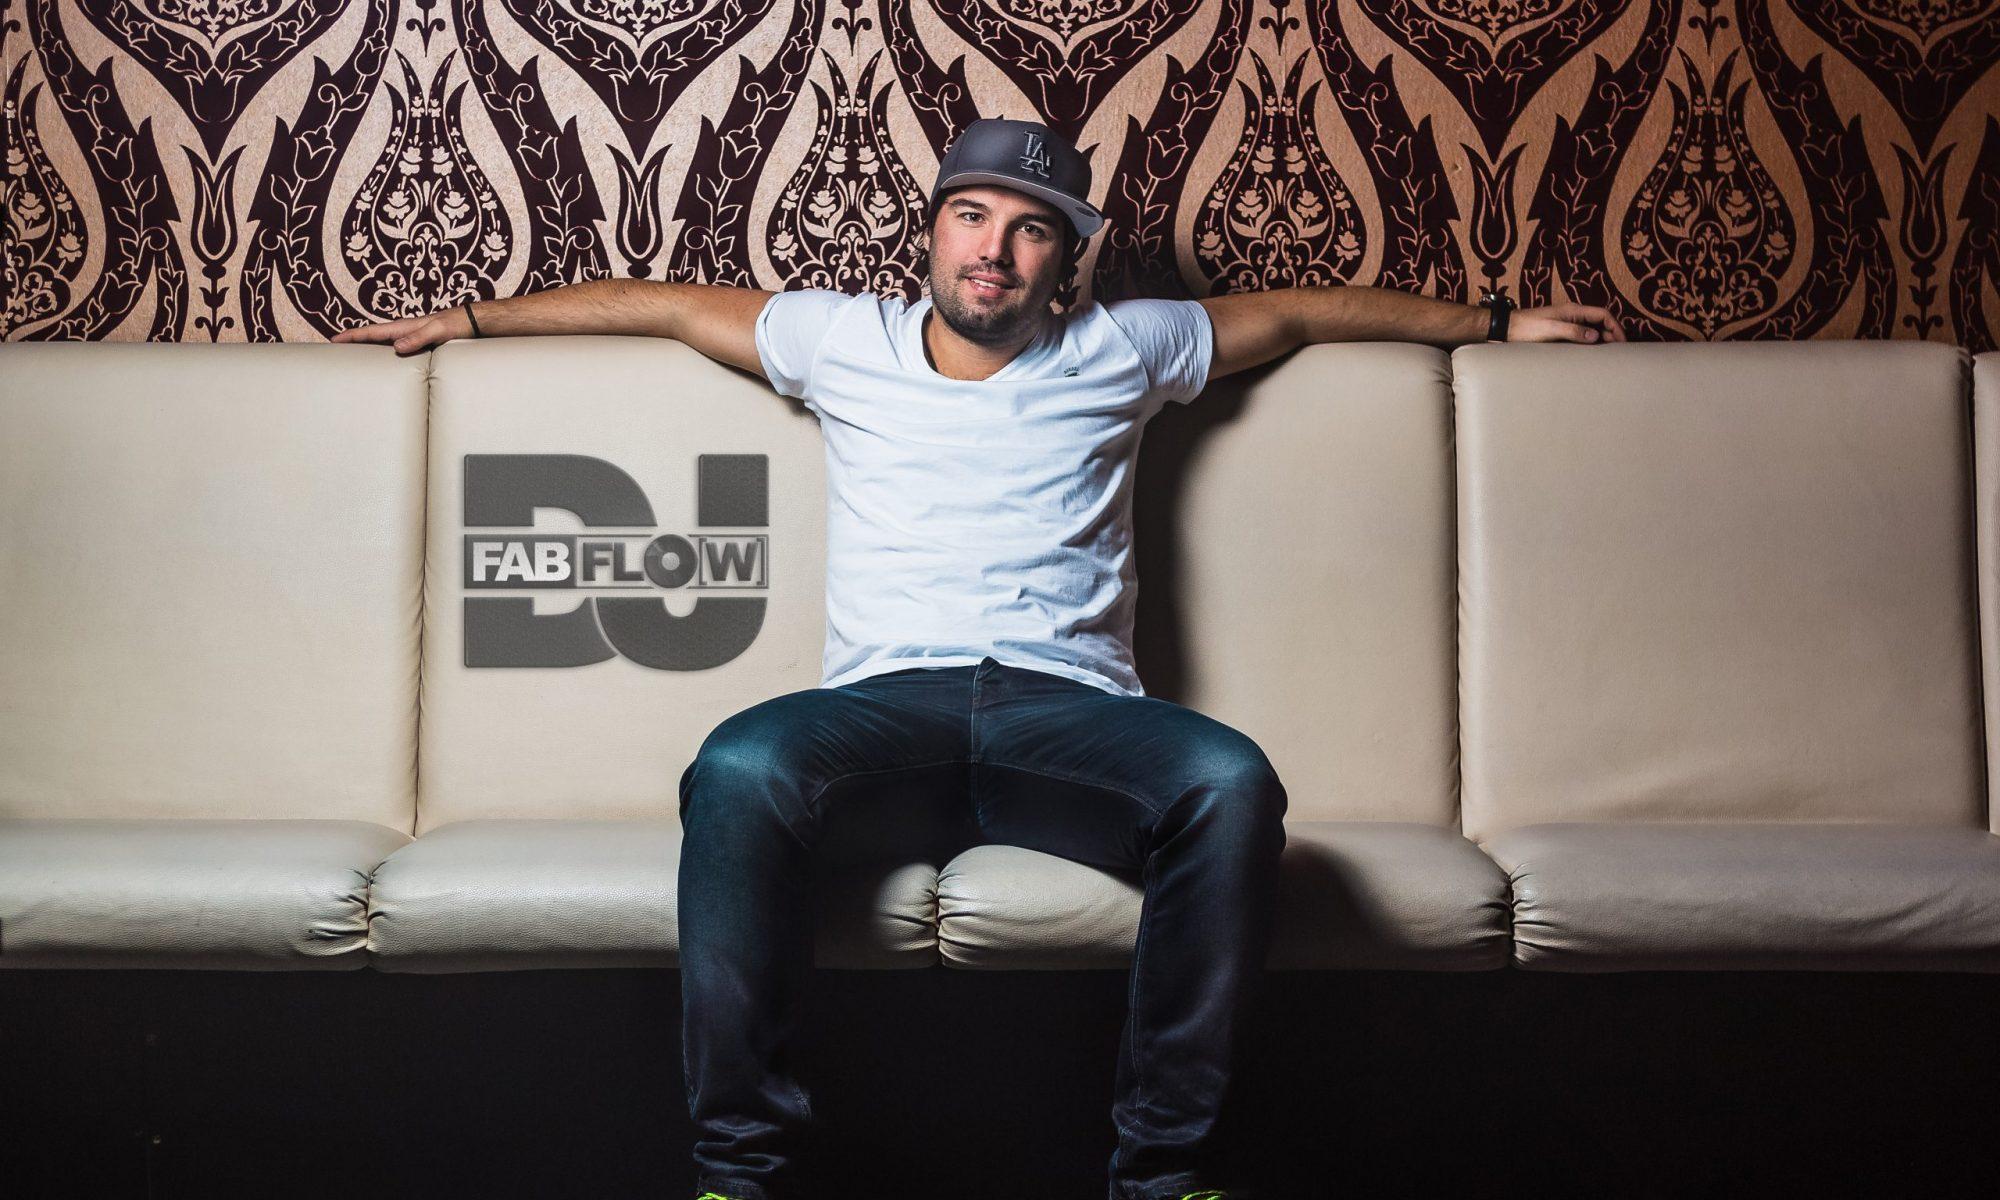 DJ Fab Flo(w)